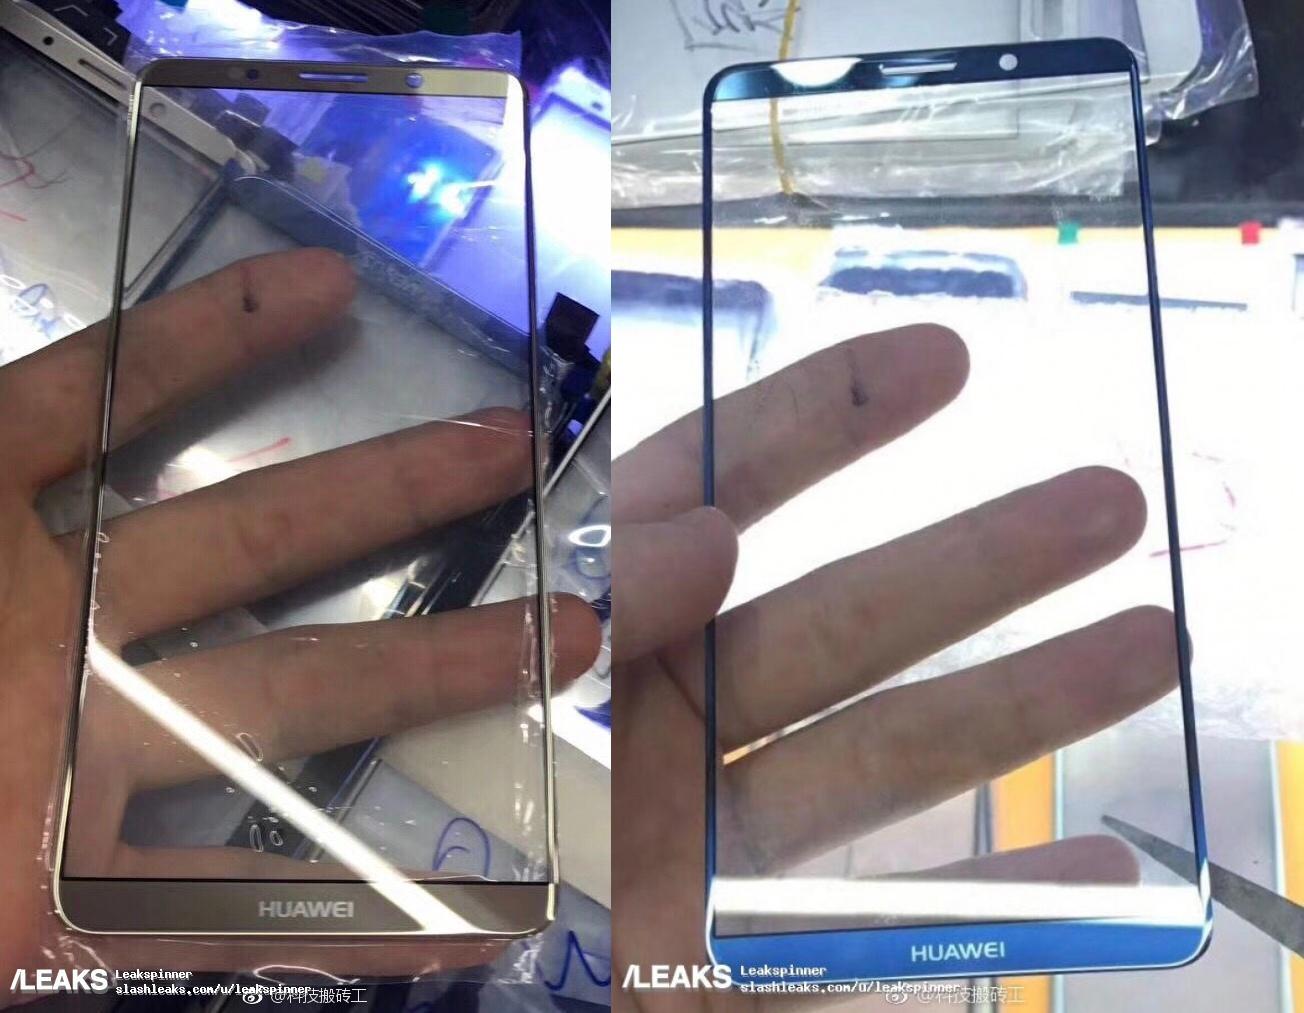 La face avant du Huawei Mate 10 Pro fuite et révèle un écran sans bordures